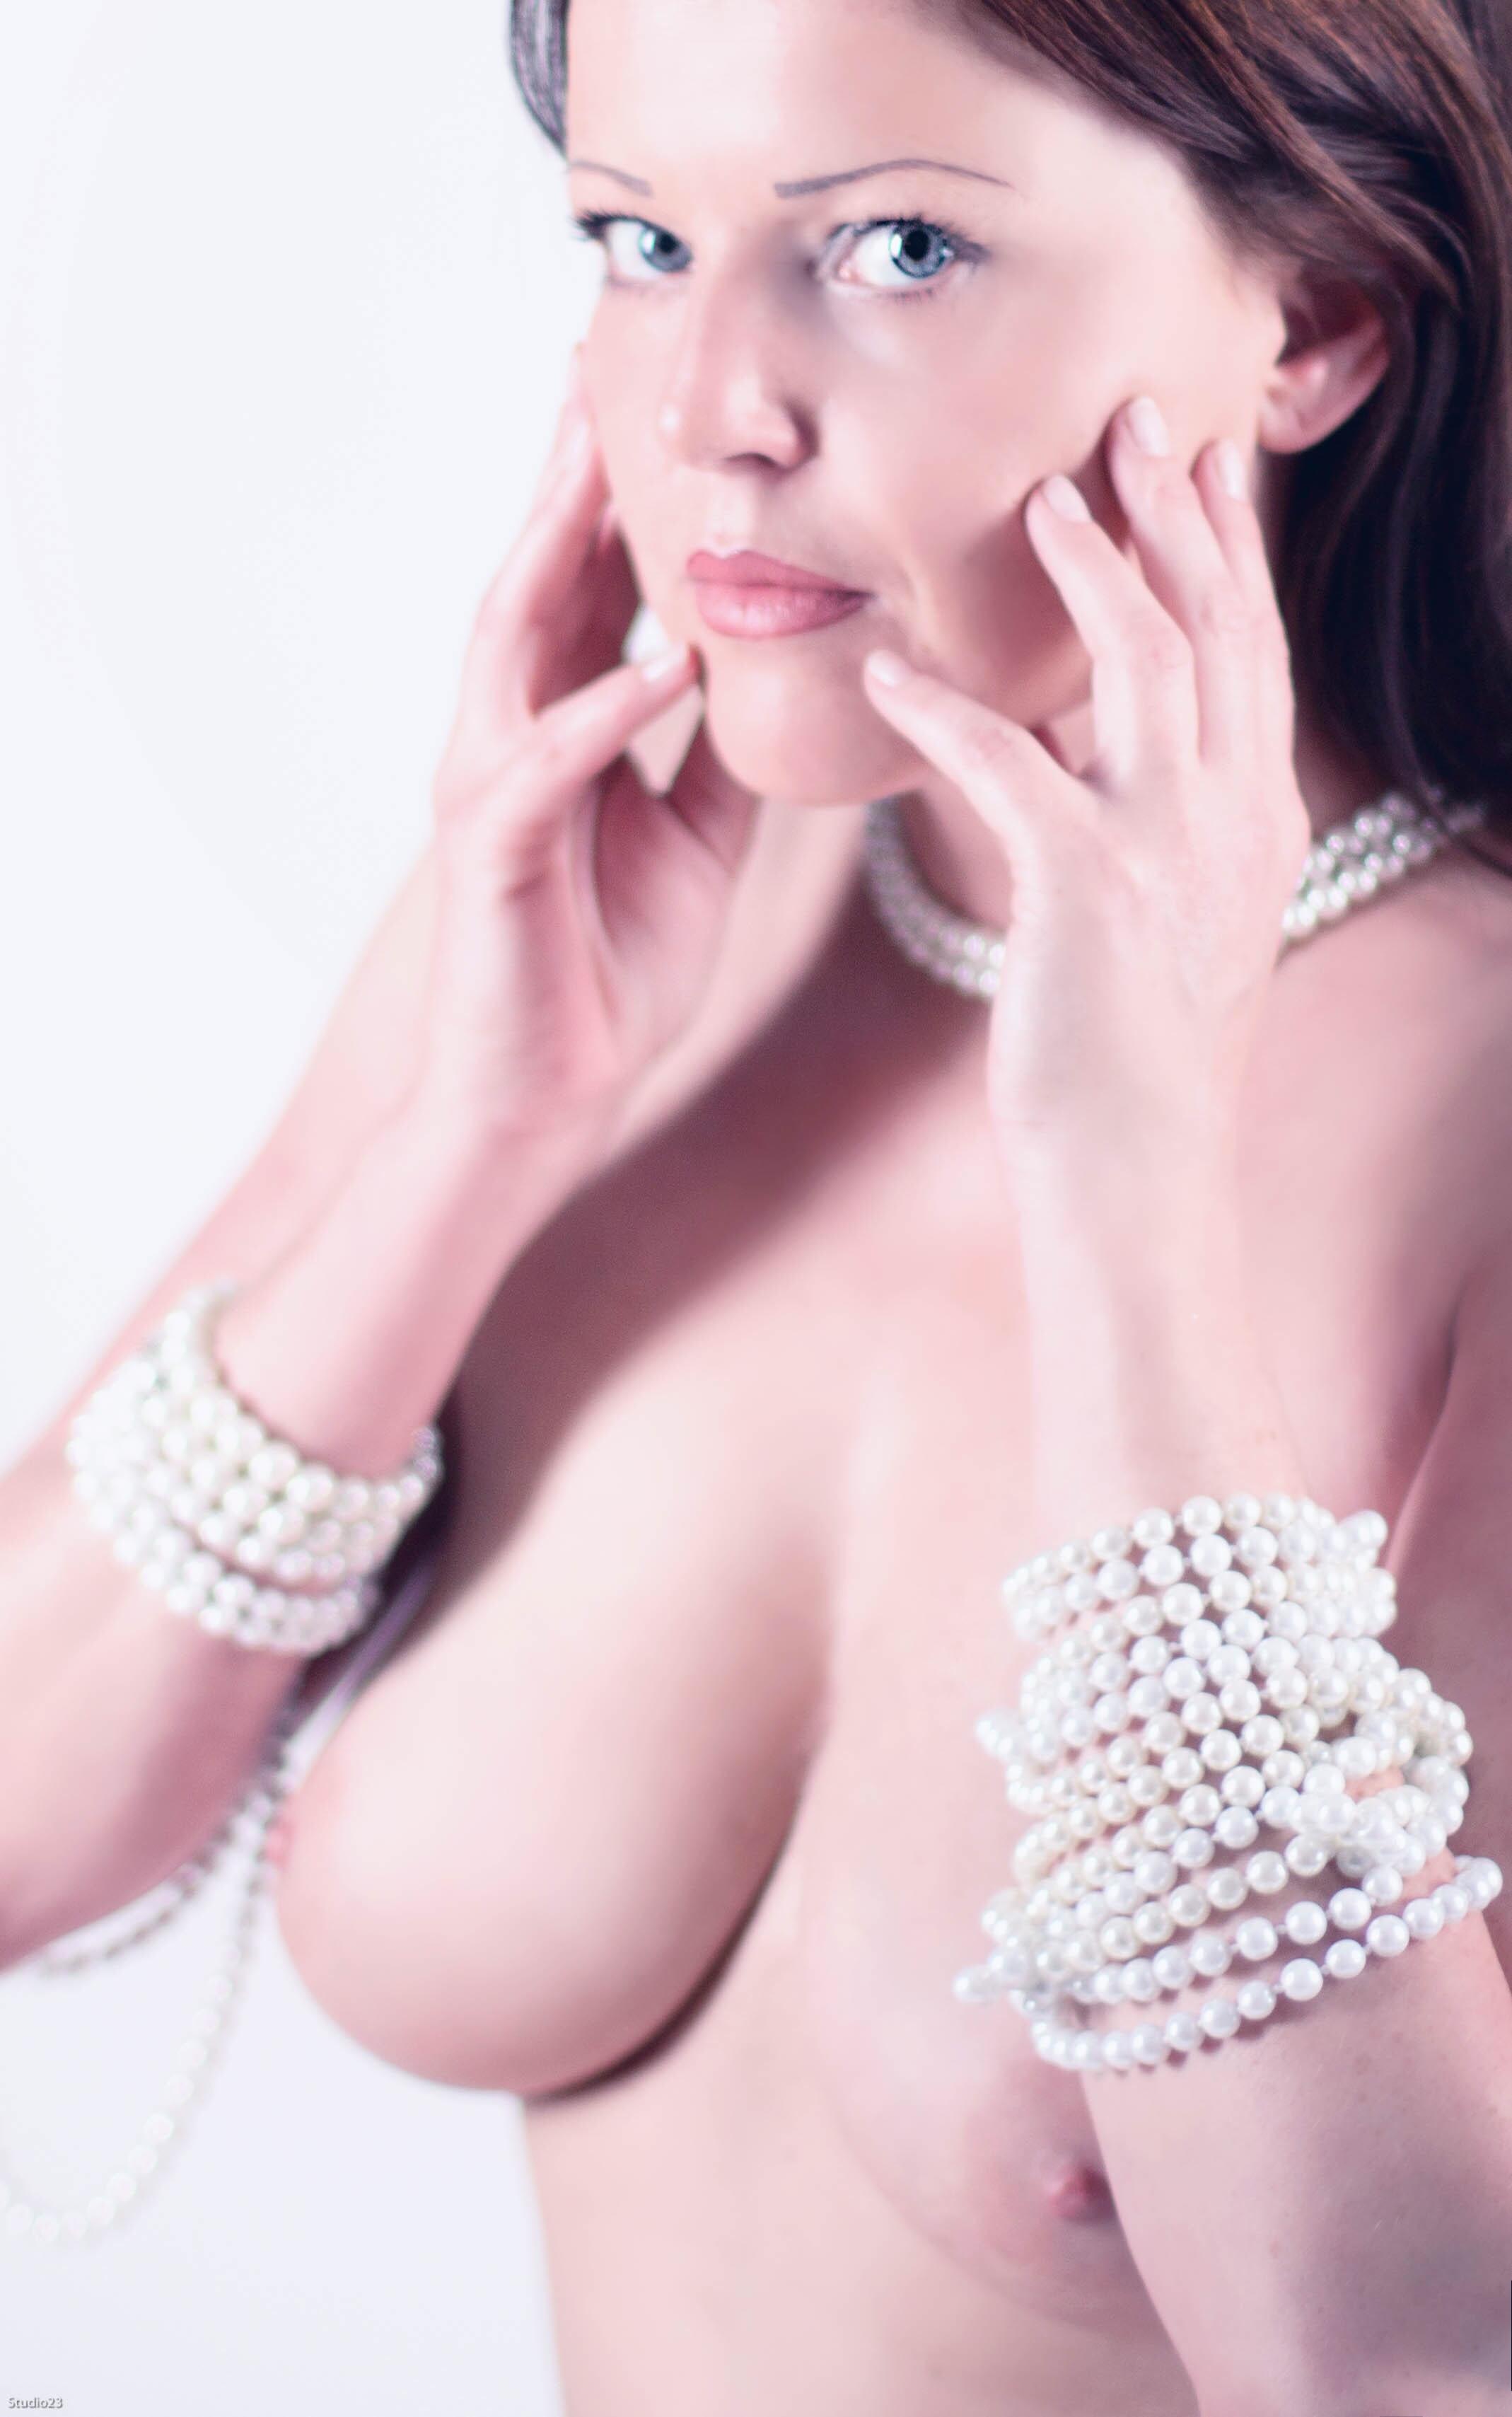 saunaclub in berlin erotische bilder tauschen